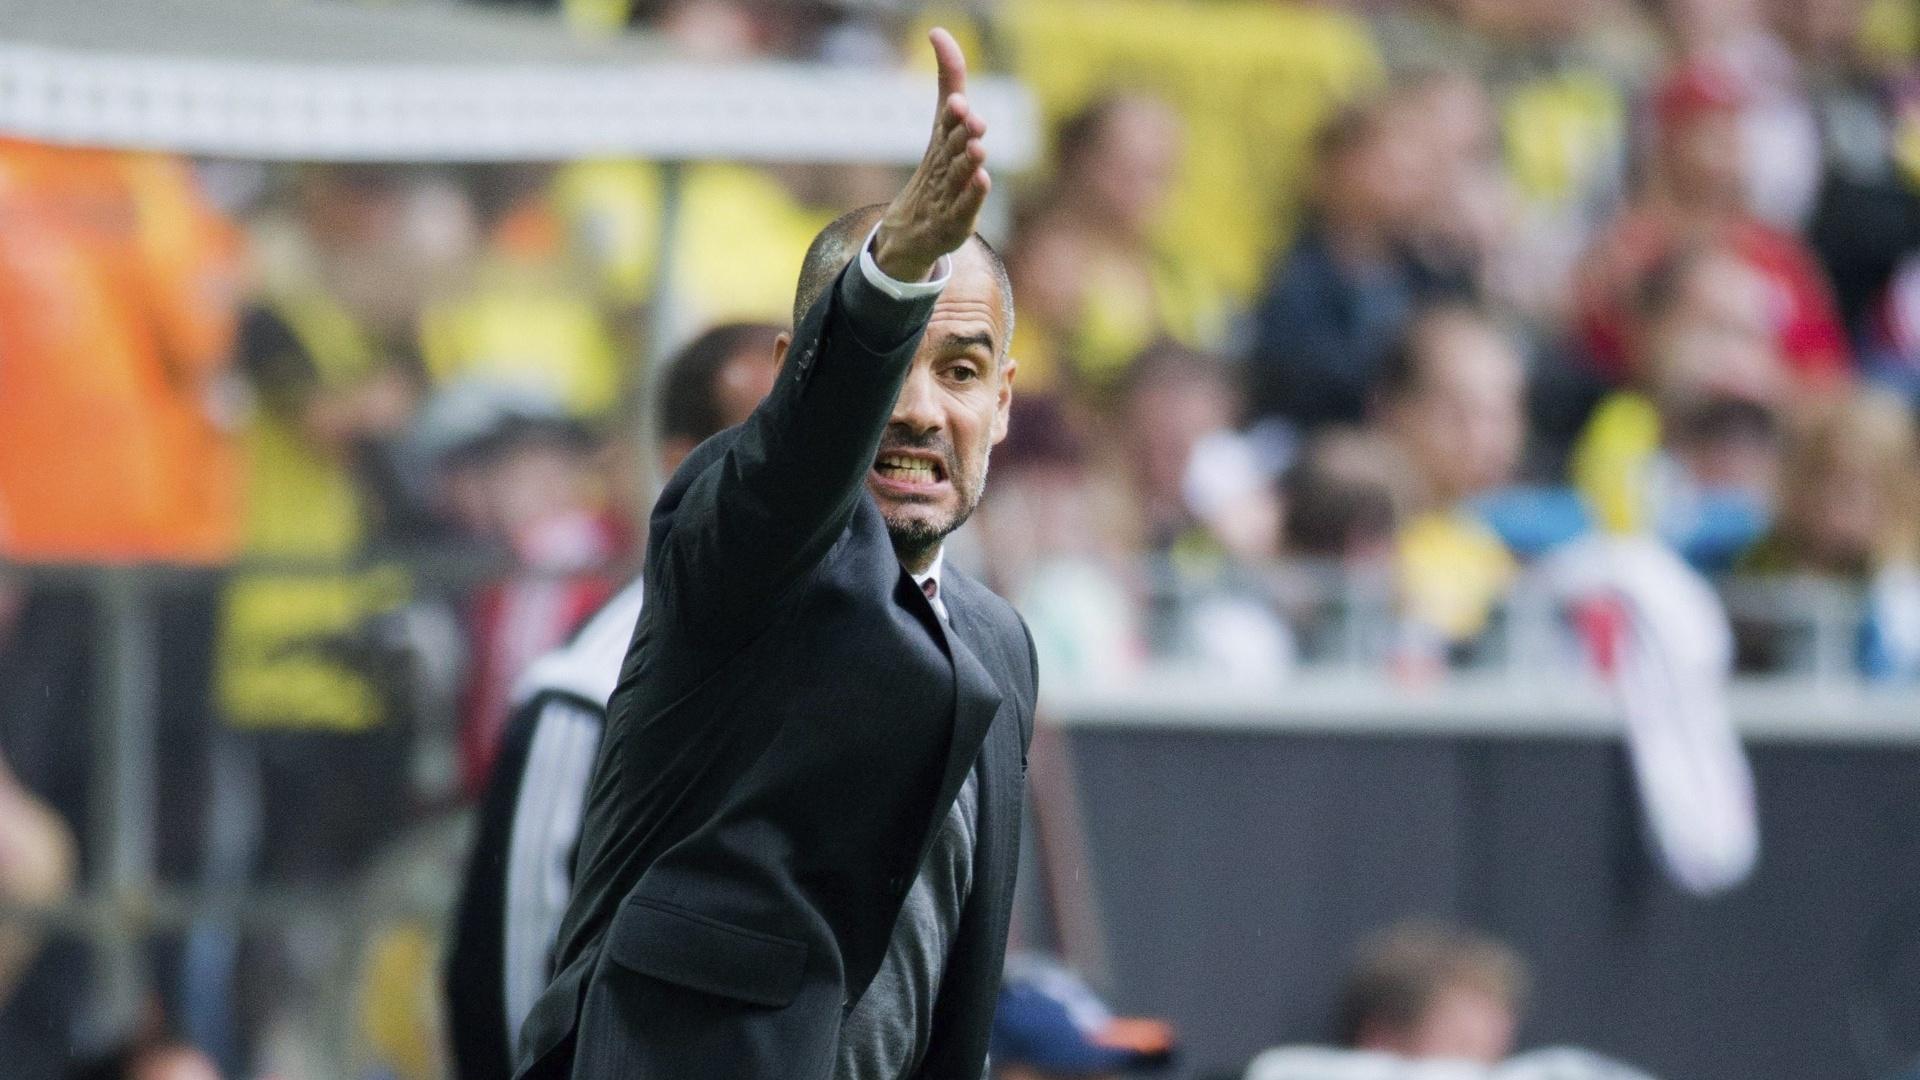 Técnico do Bayern de Munique Pep Guardiola fica enlouquecido à beira do gramado durante a partida do Bayern contra o Borussia Dortmundo pela Supercopa da Alemanha